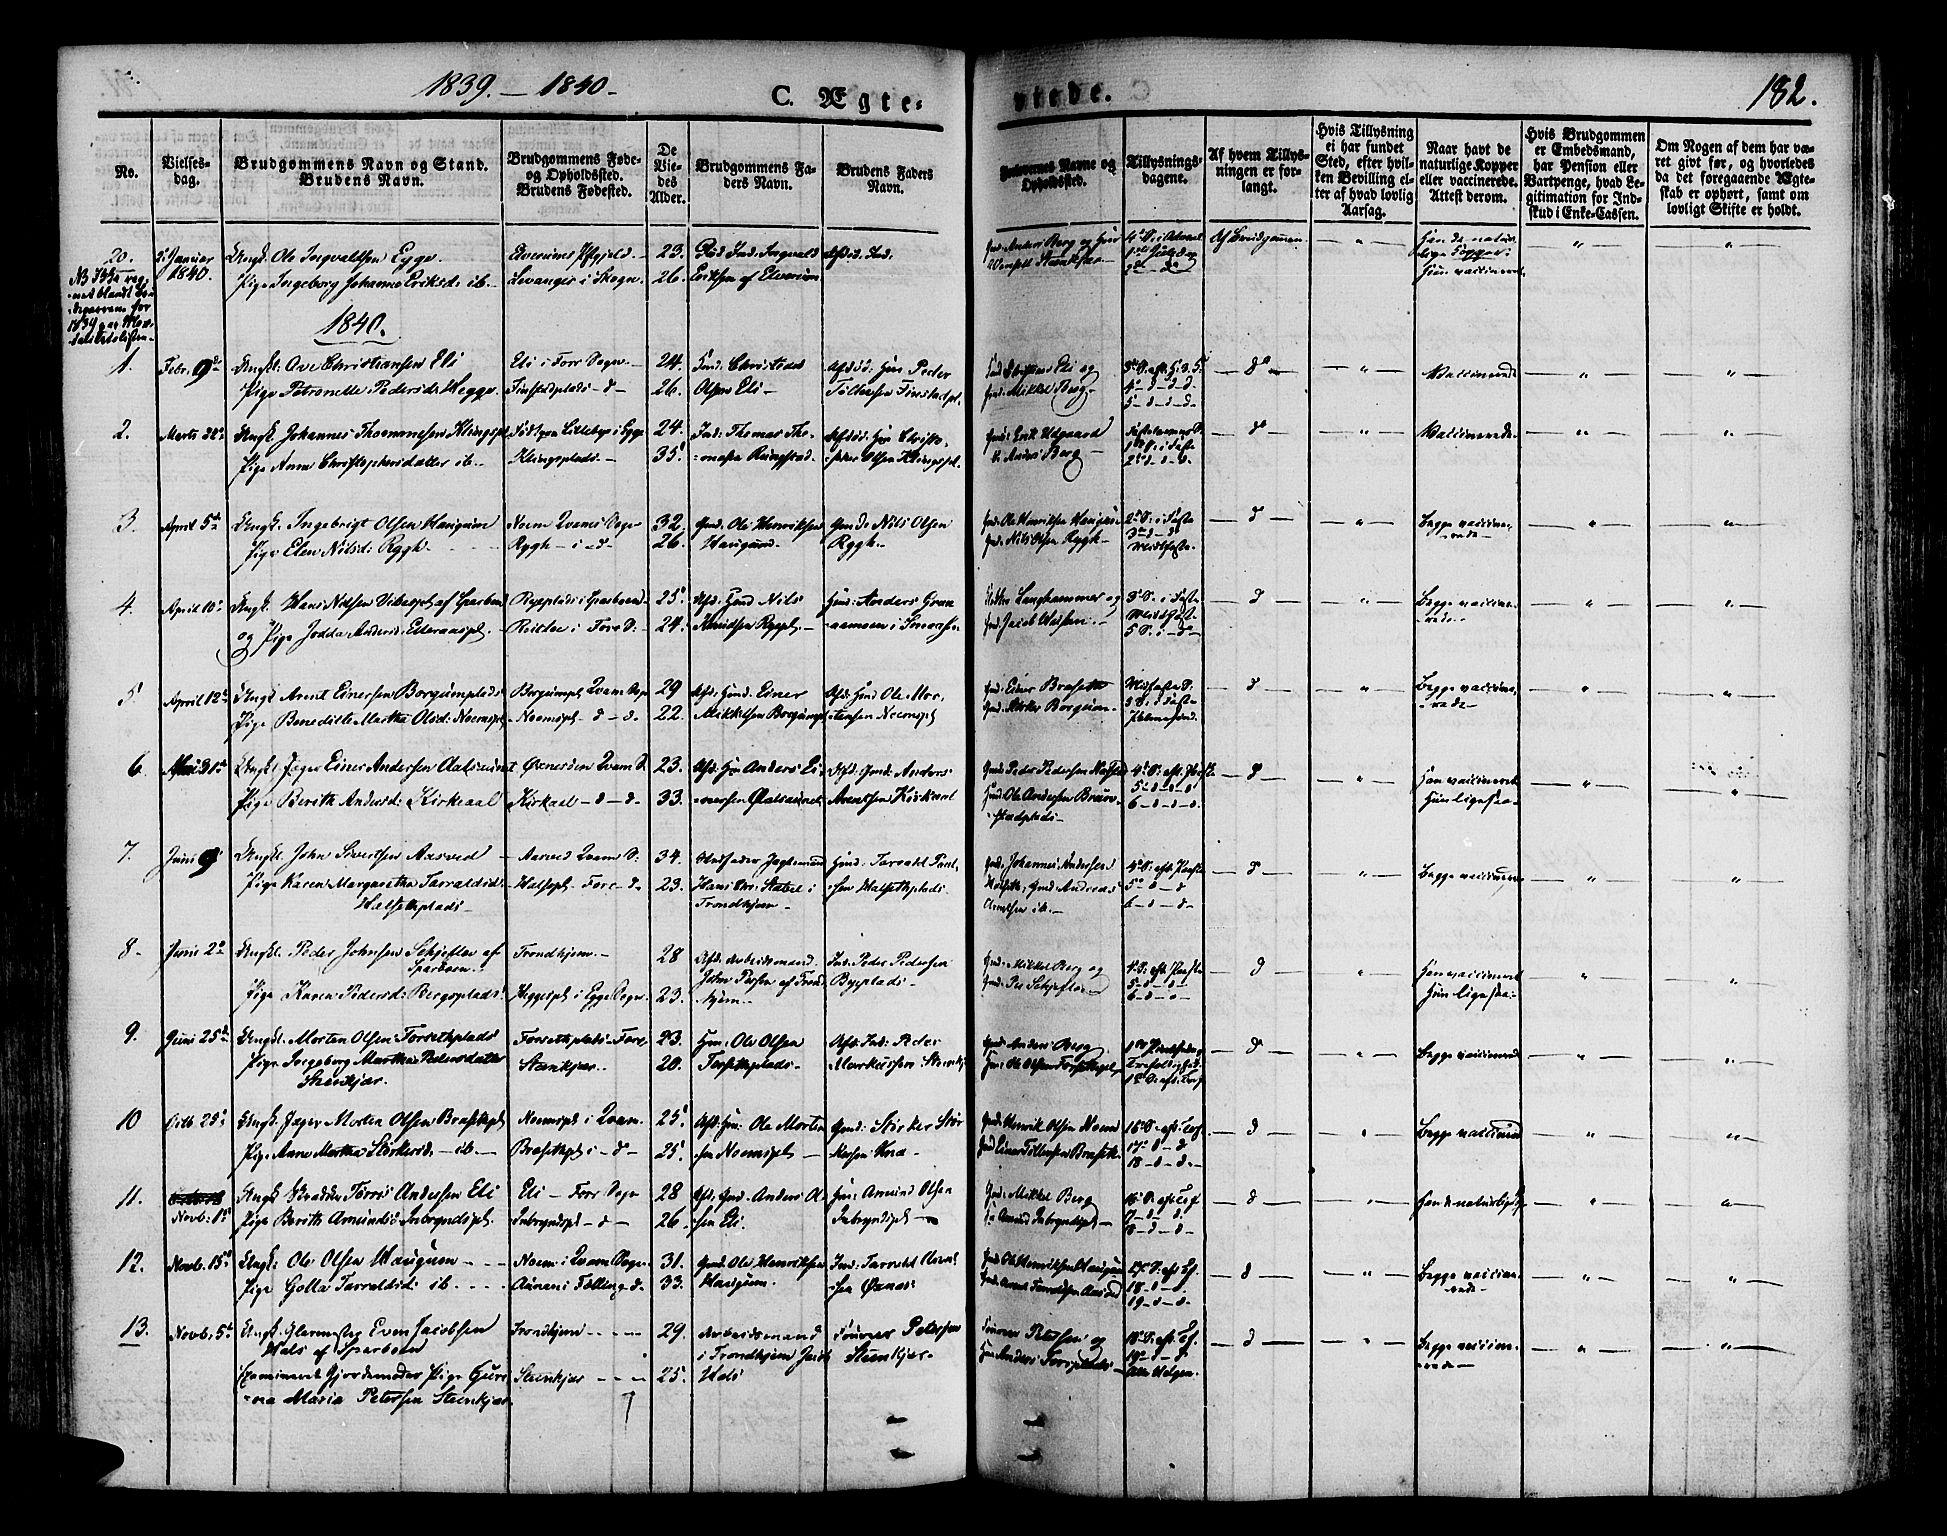 SAT, Ministerialprotokoller, klokkerbøker og fødselsregistre - Nord-Trøndelag, 746/L0445: Ministerialbok nr. 746A04, 1826-1846, s. 182